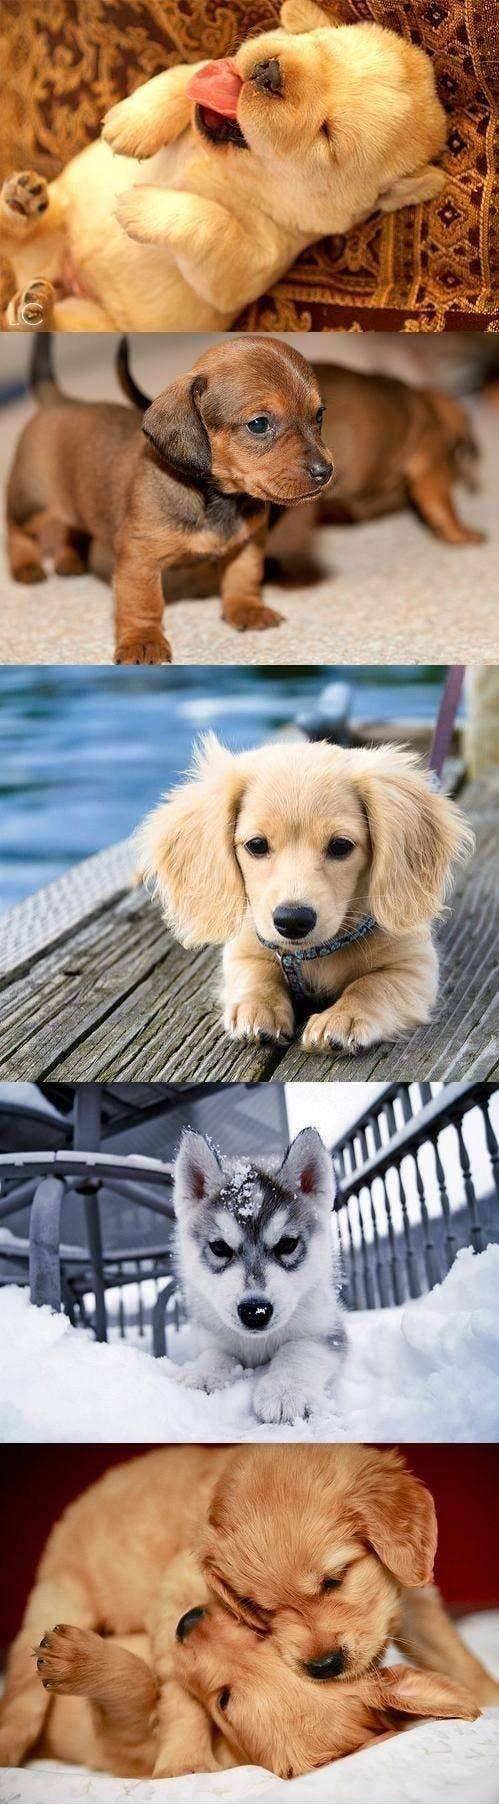 puppy montage <3